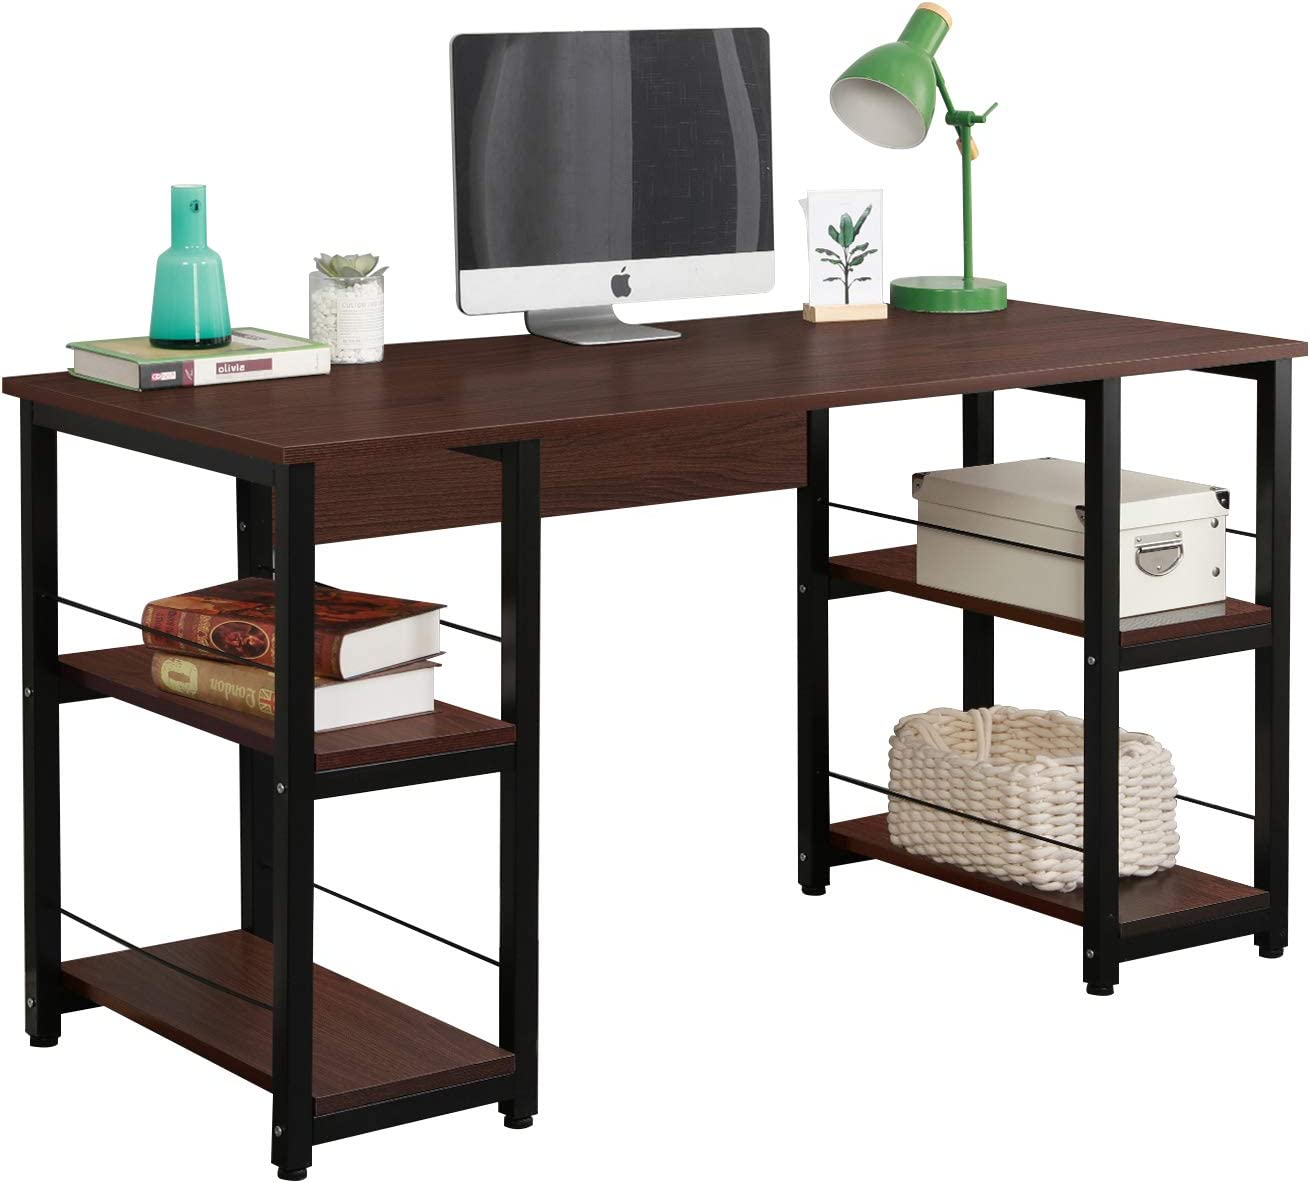 DlandHome 55 inches Computer Desk w/Open Storage Shelves for Both Side, Multifunction Trestle Desk, Home Office Desk/Studio Workstation, DZ012, Walnut